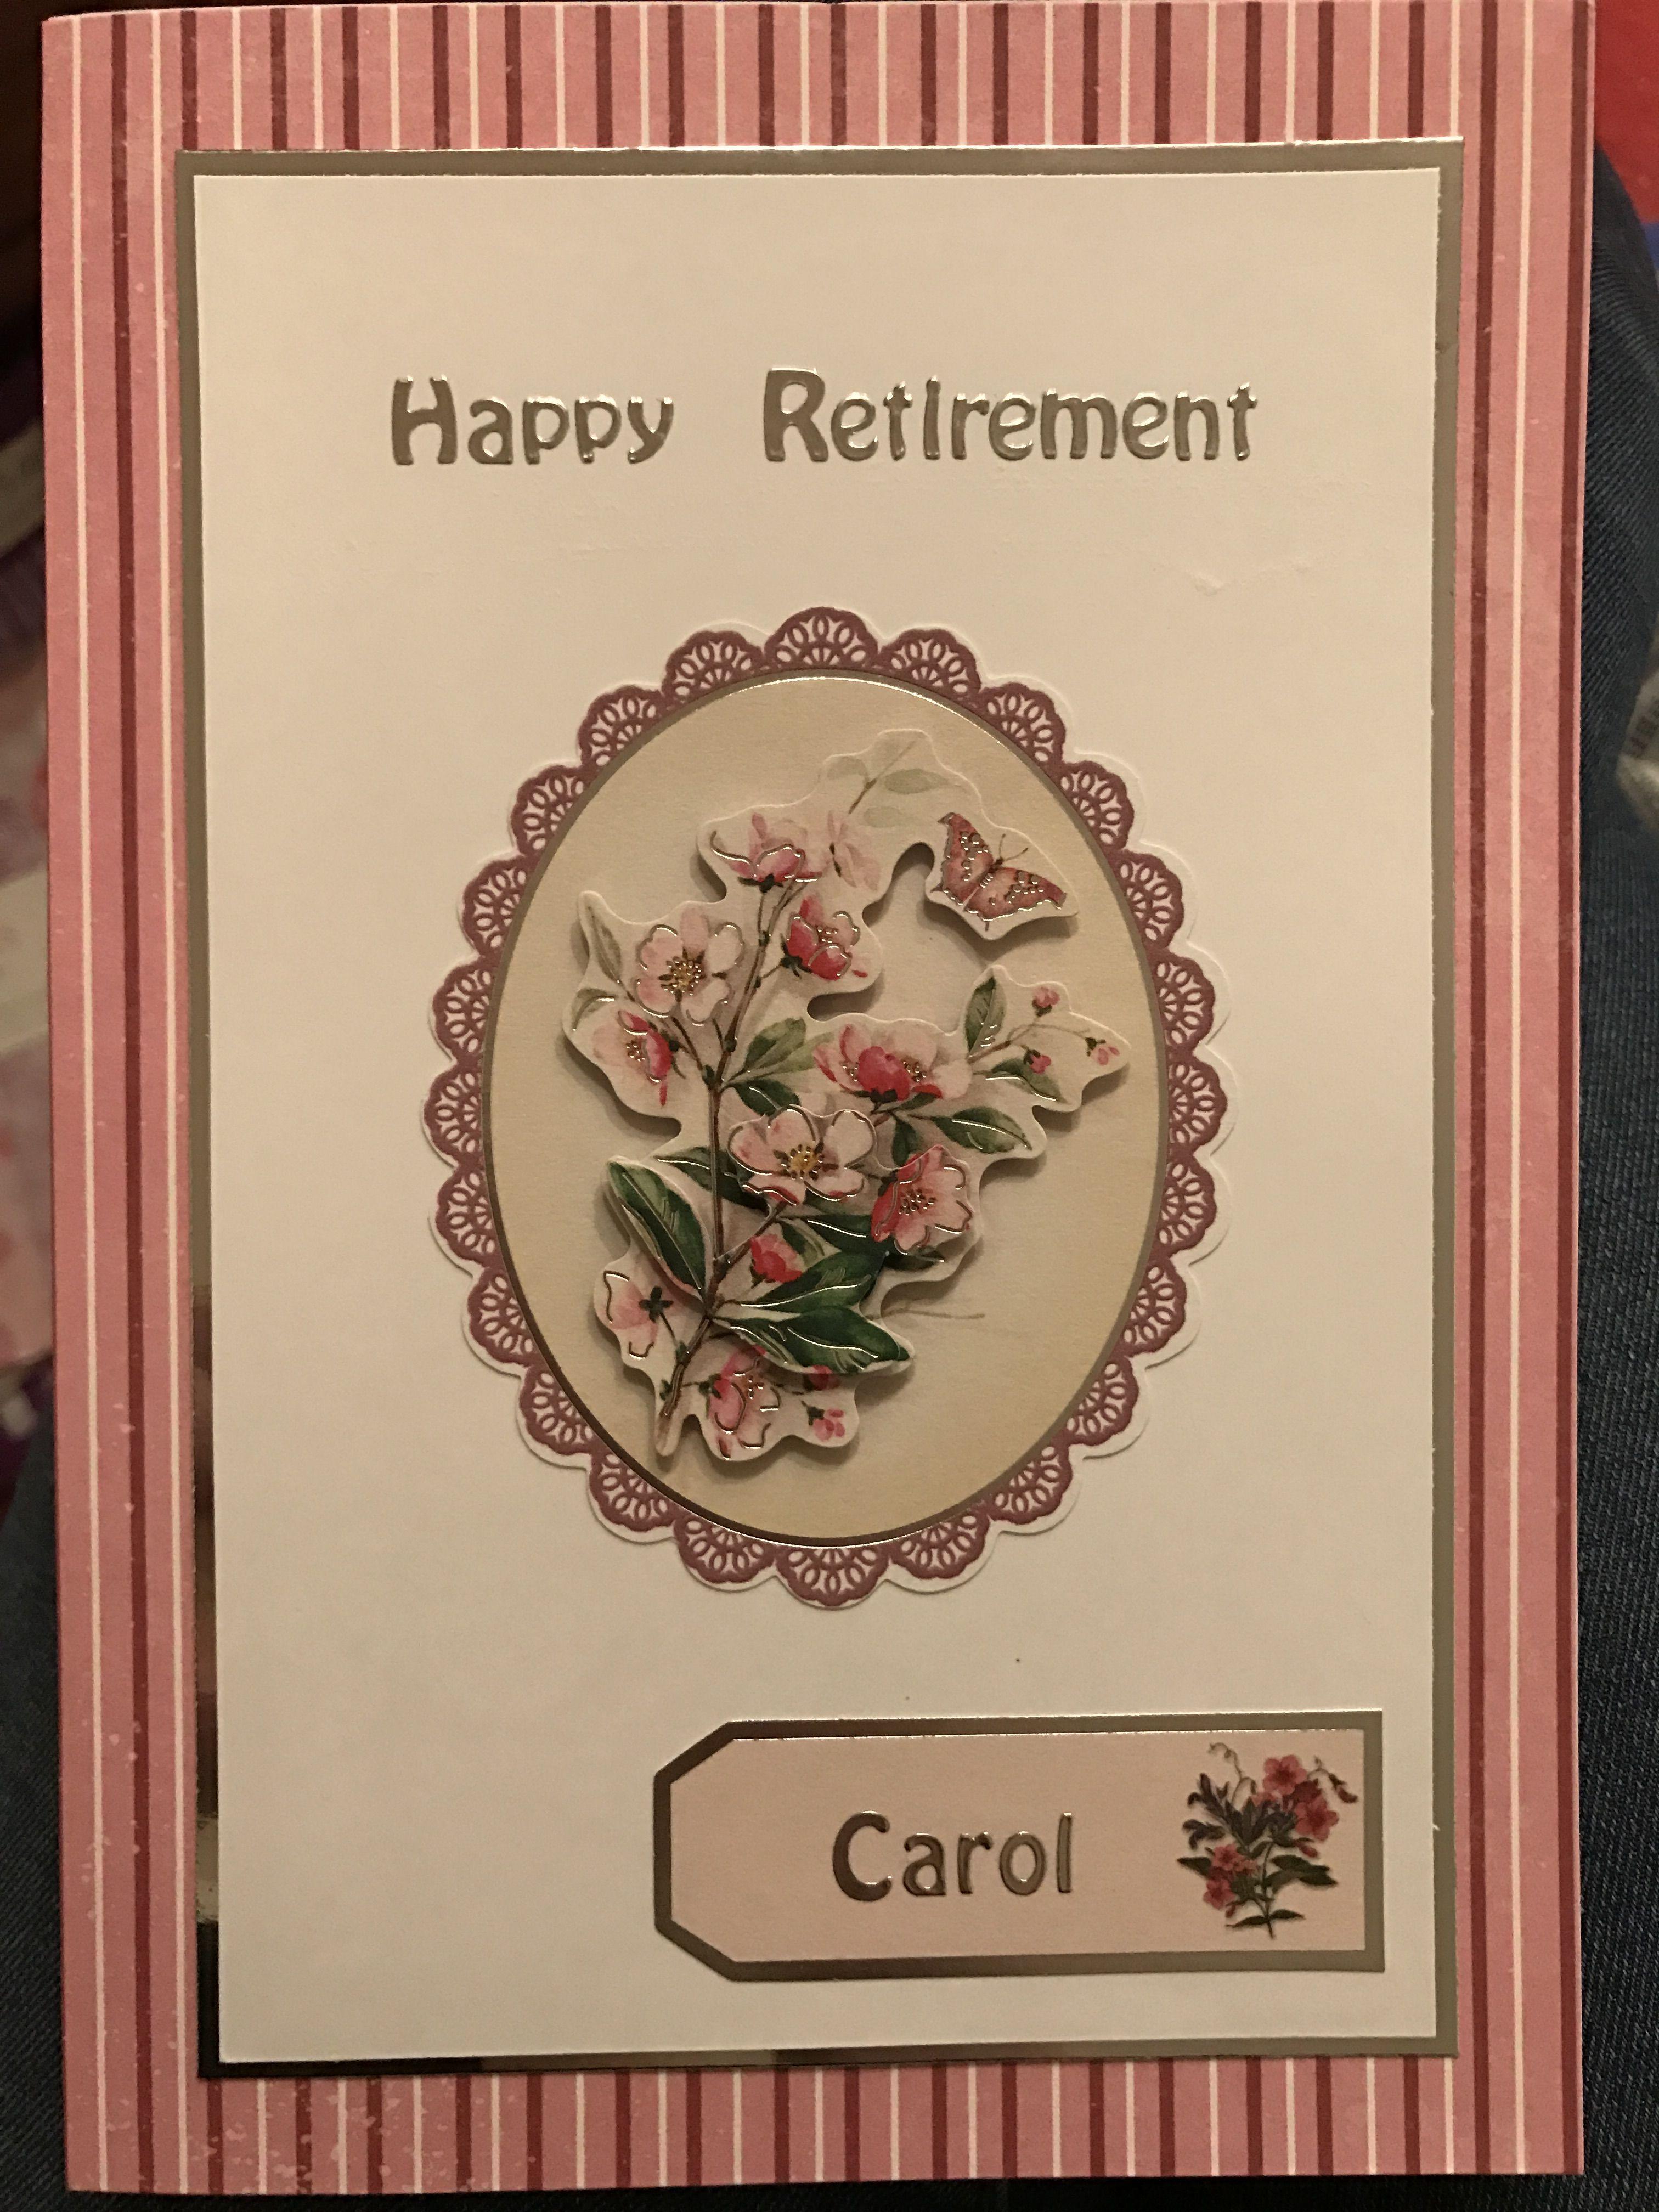 Linda's Hand Made Cards: Gentleman retirement card |Handmade Retirement Cards